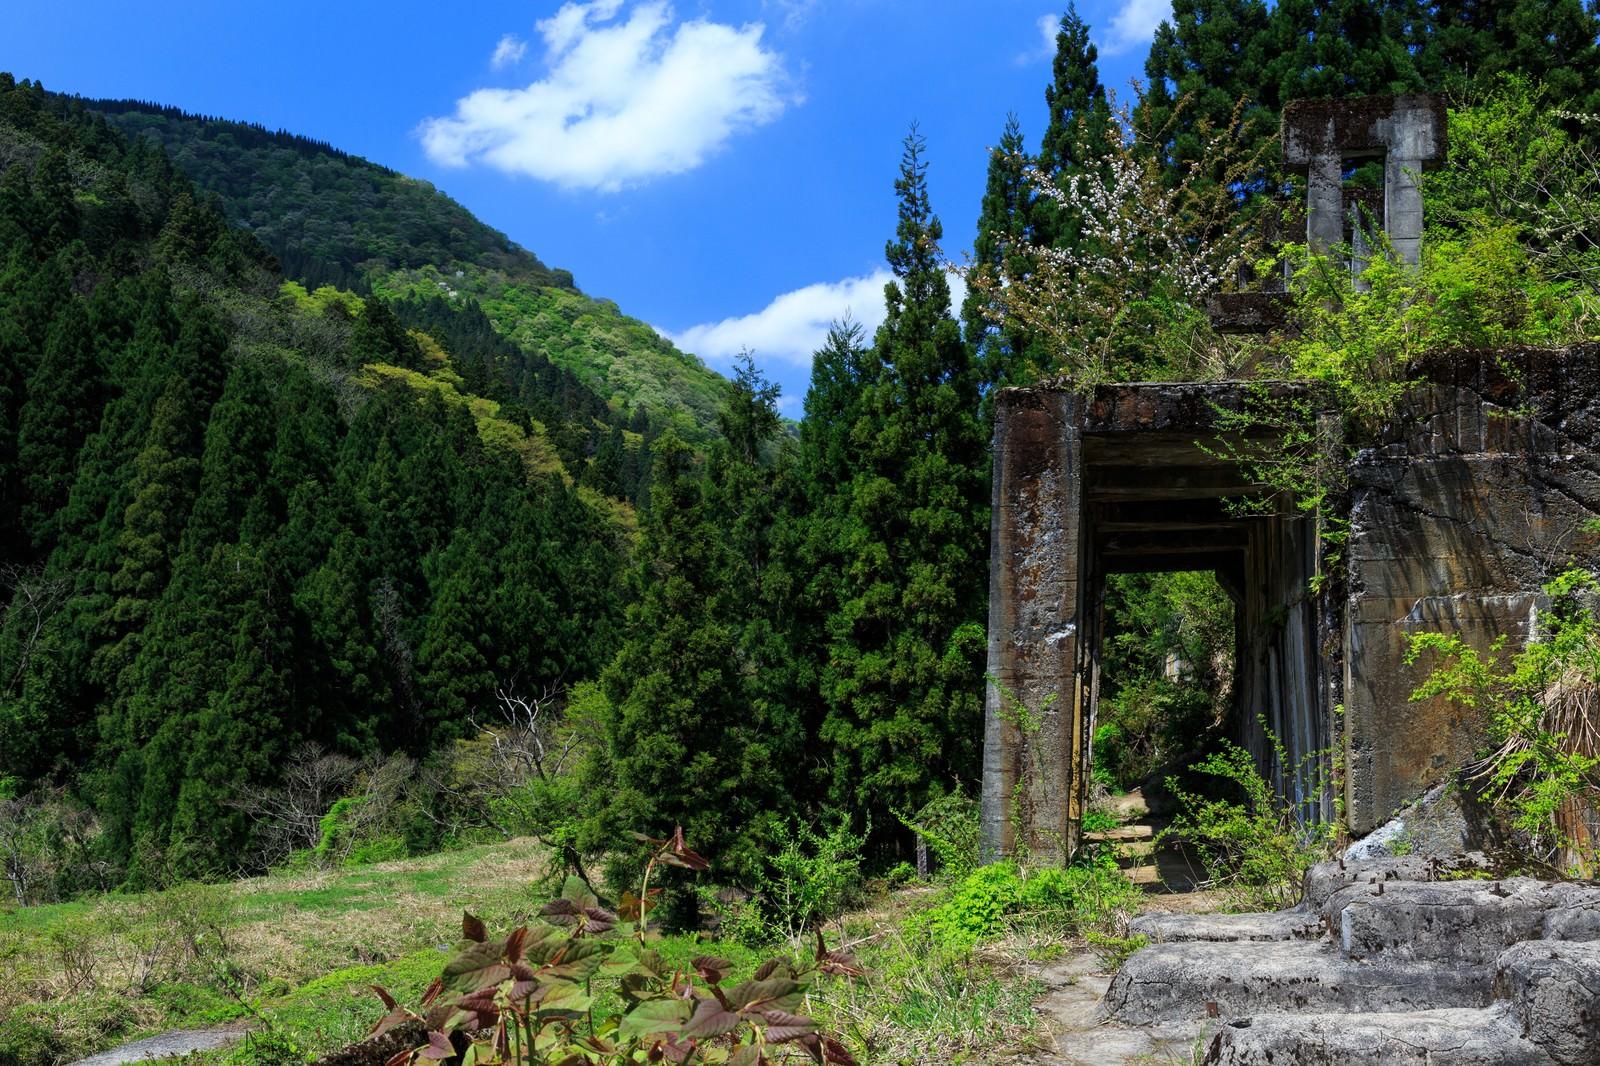 「滋賀県長浜市にある土倉鉱山跡」の写真